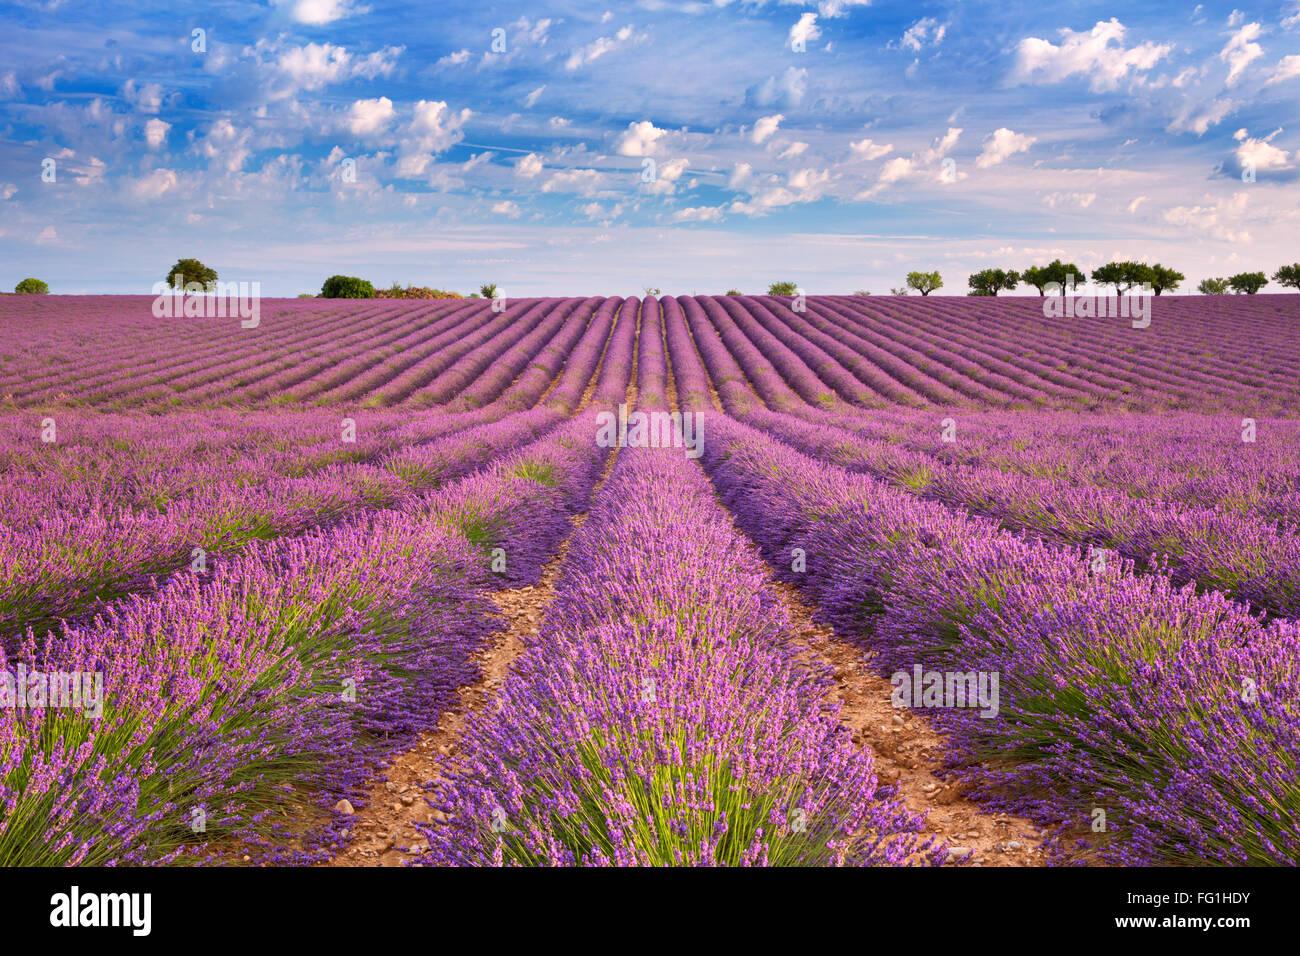 I campi in fiore di lavanda sull'altopiano di Valensole in Provenza nel sud della Francia. Immagini Stock